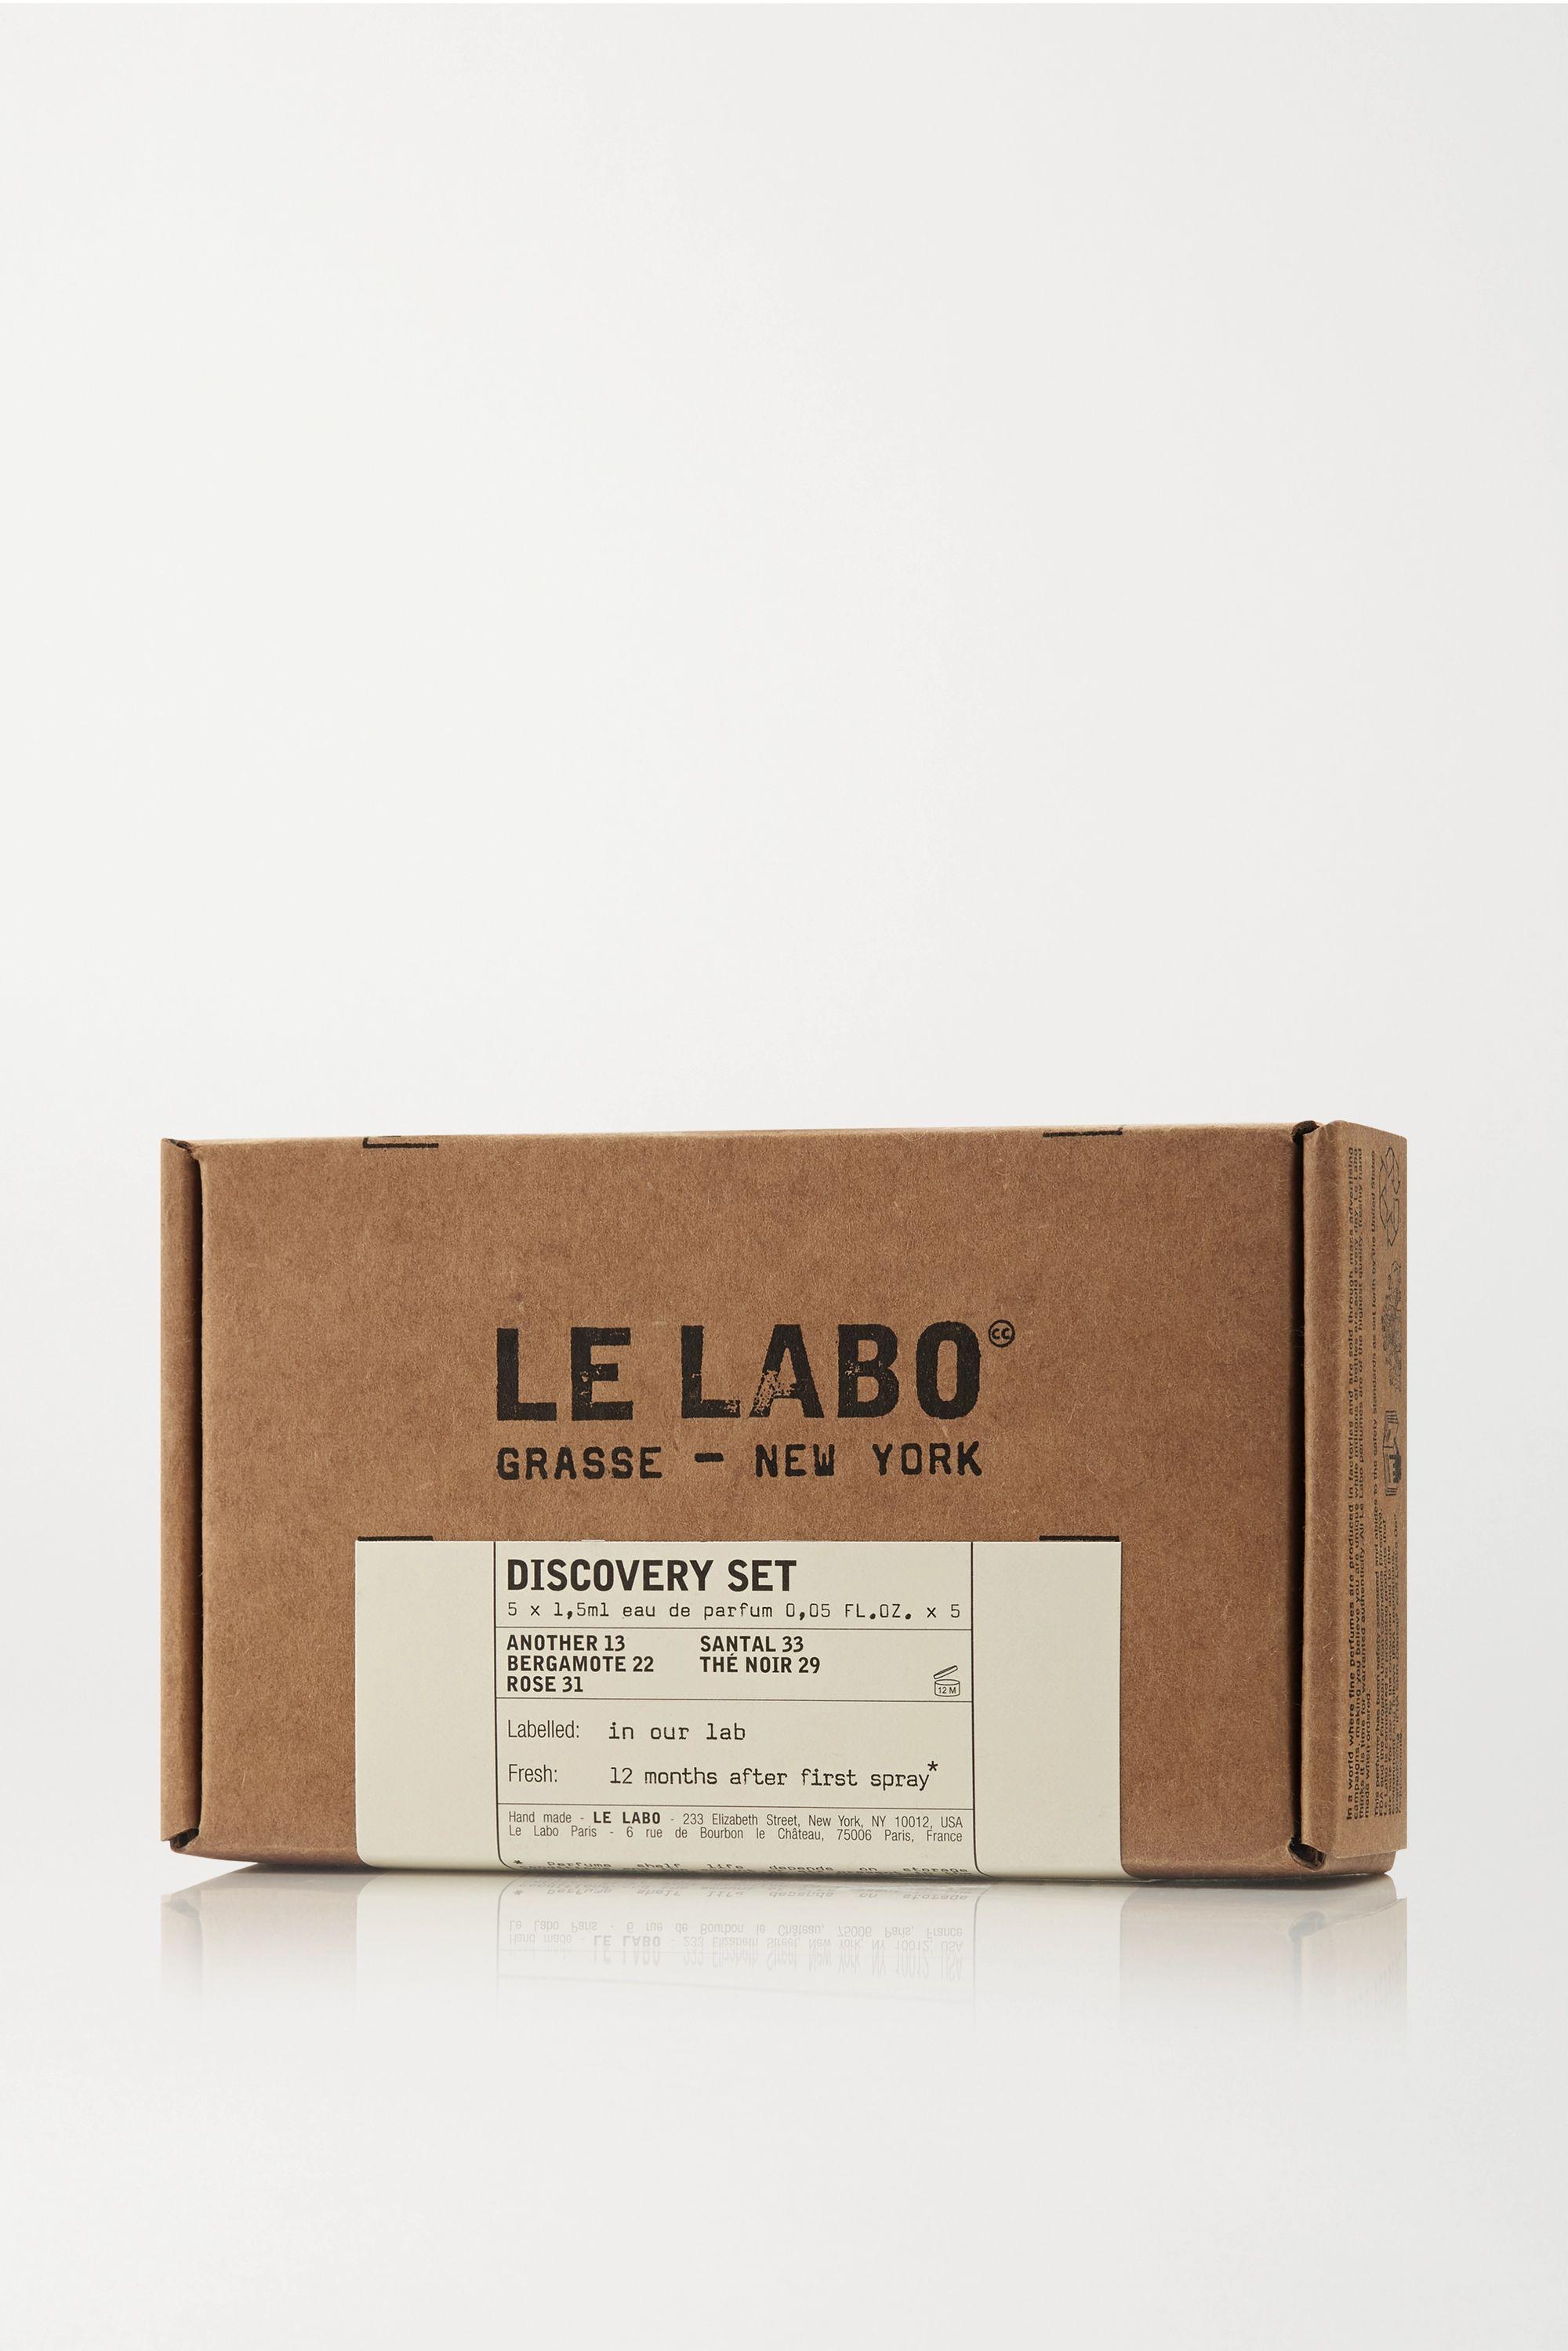 Le Labo Eau de Parfum Discovery Set, 5 x 1.5ml